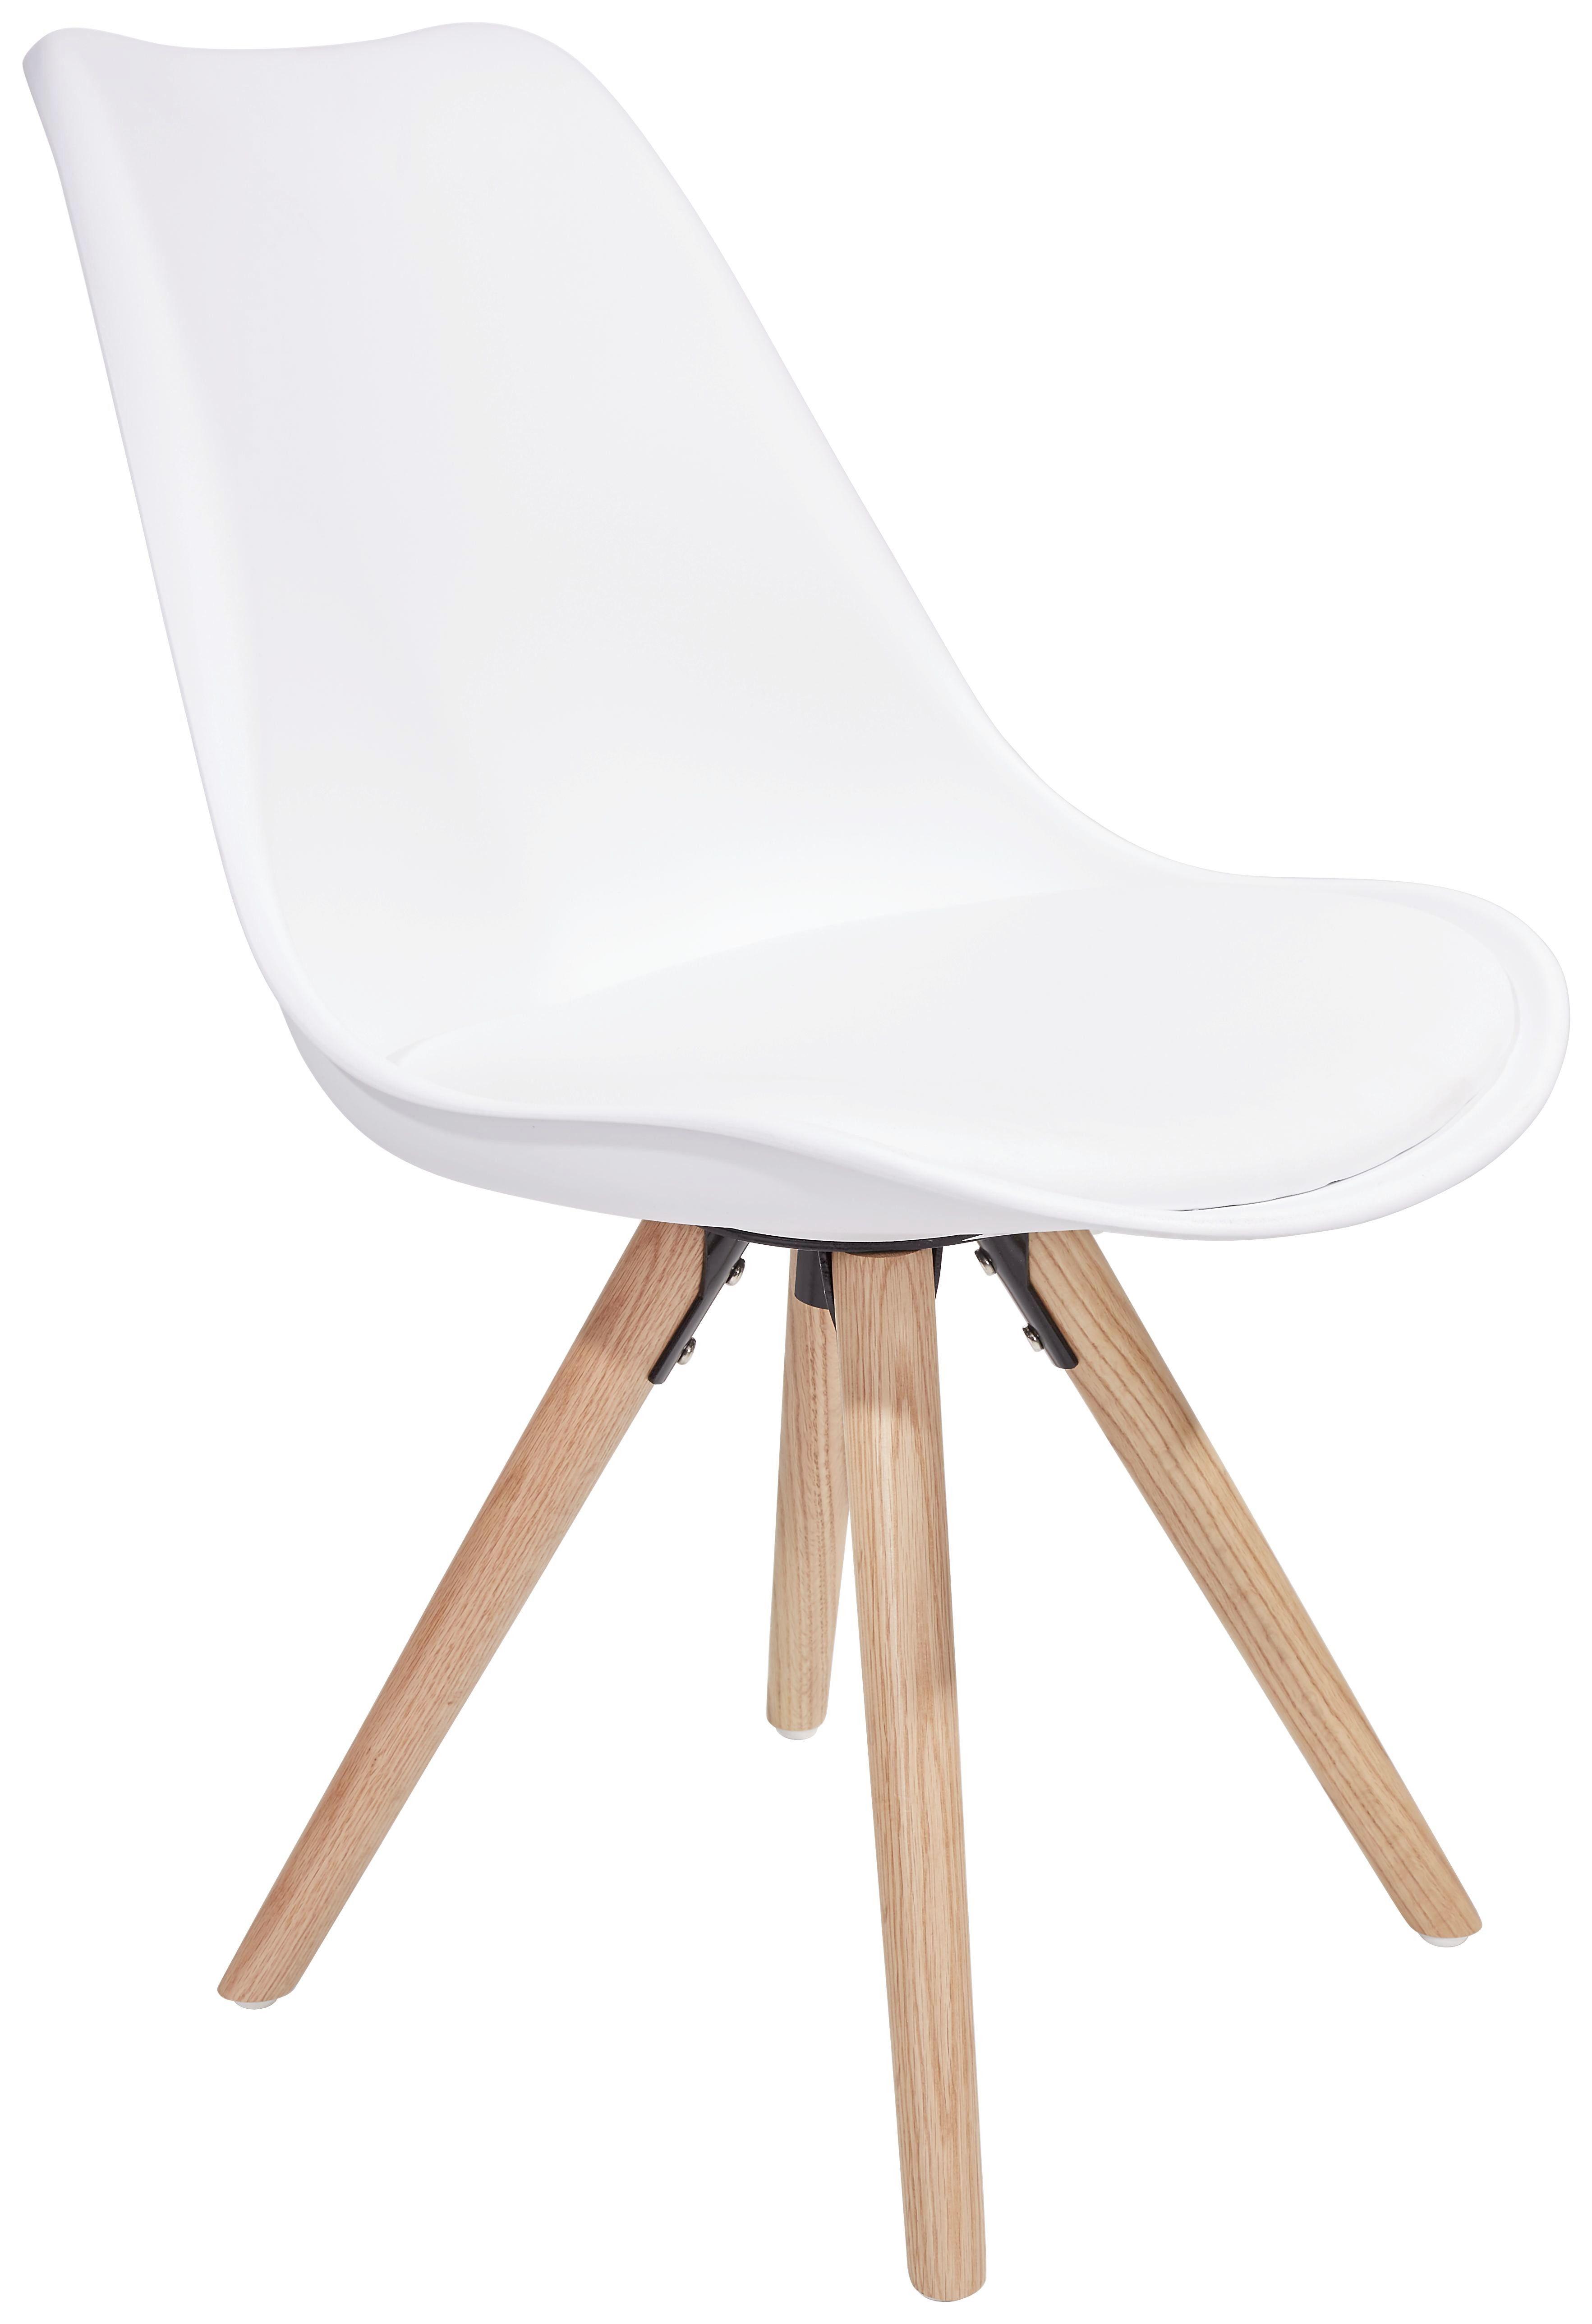 Stuhl Levi Weiß - Eichefarben/Weiß, MODERN, Holz/Kunststoff (48/81/57cm) - Ombra